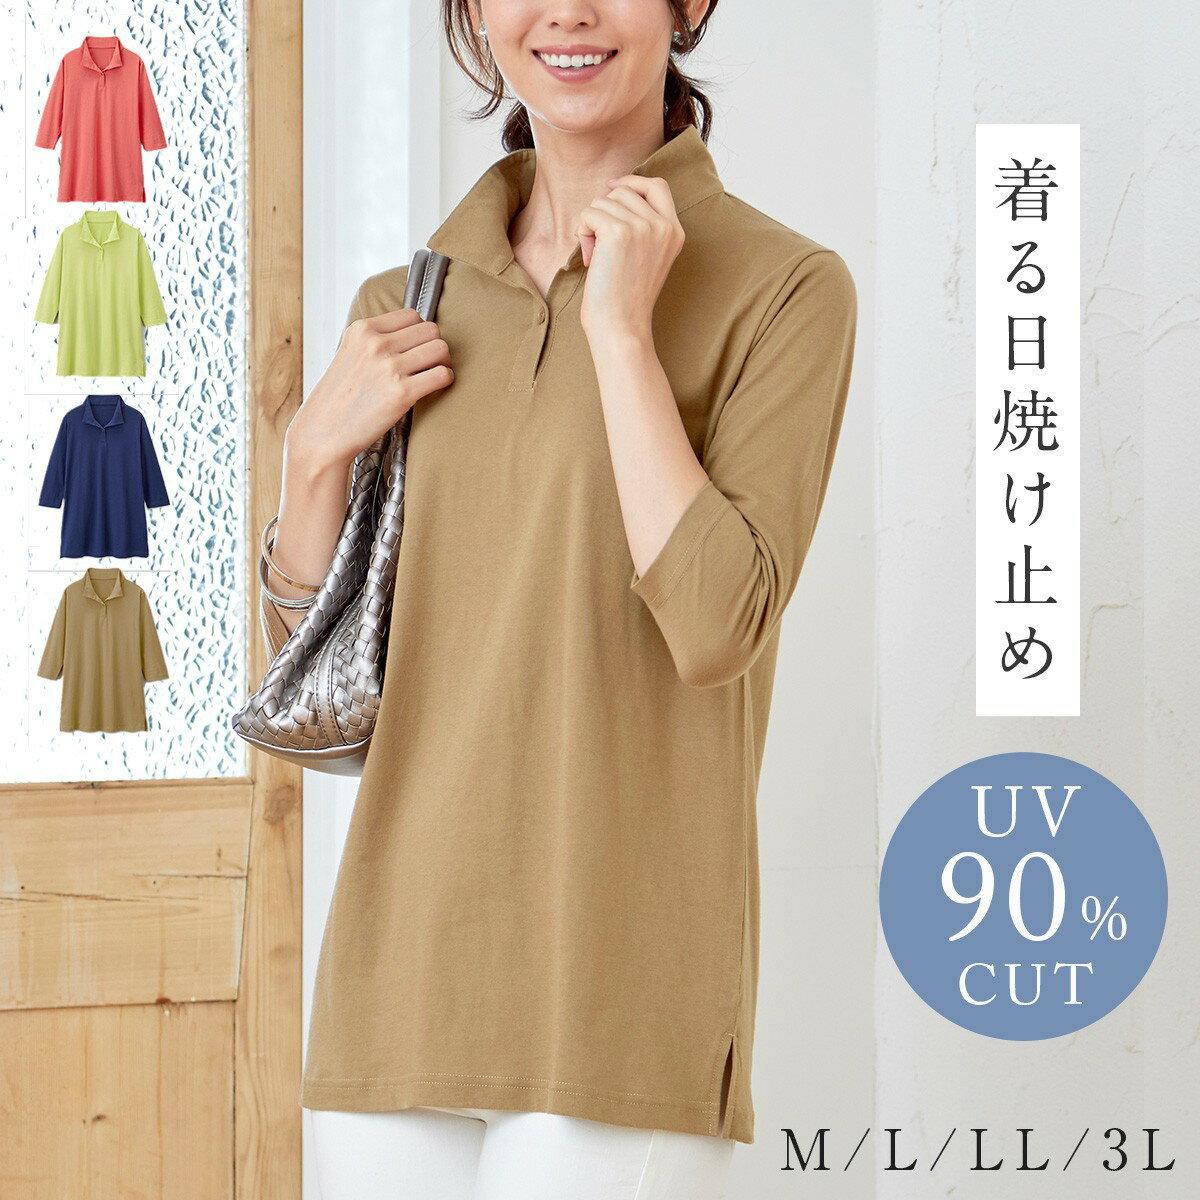 UVカットスキッパーロングTシャツ